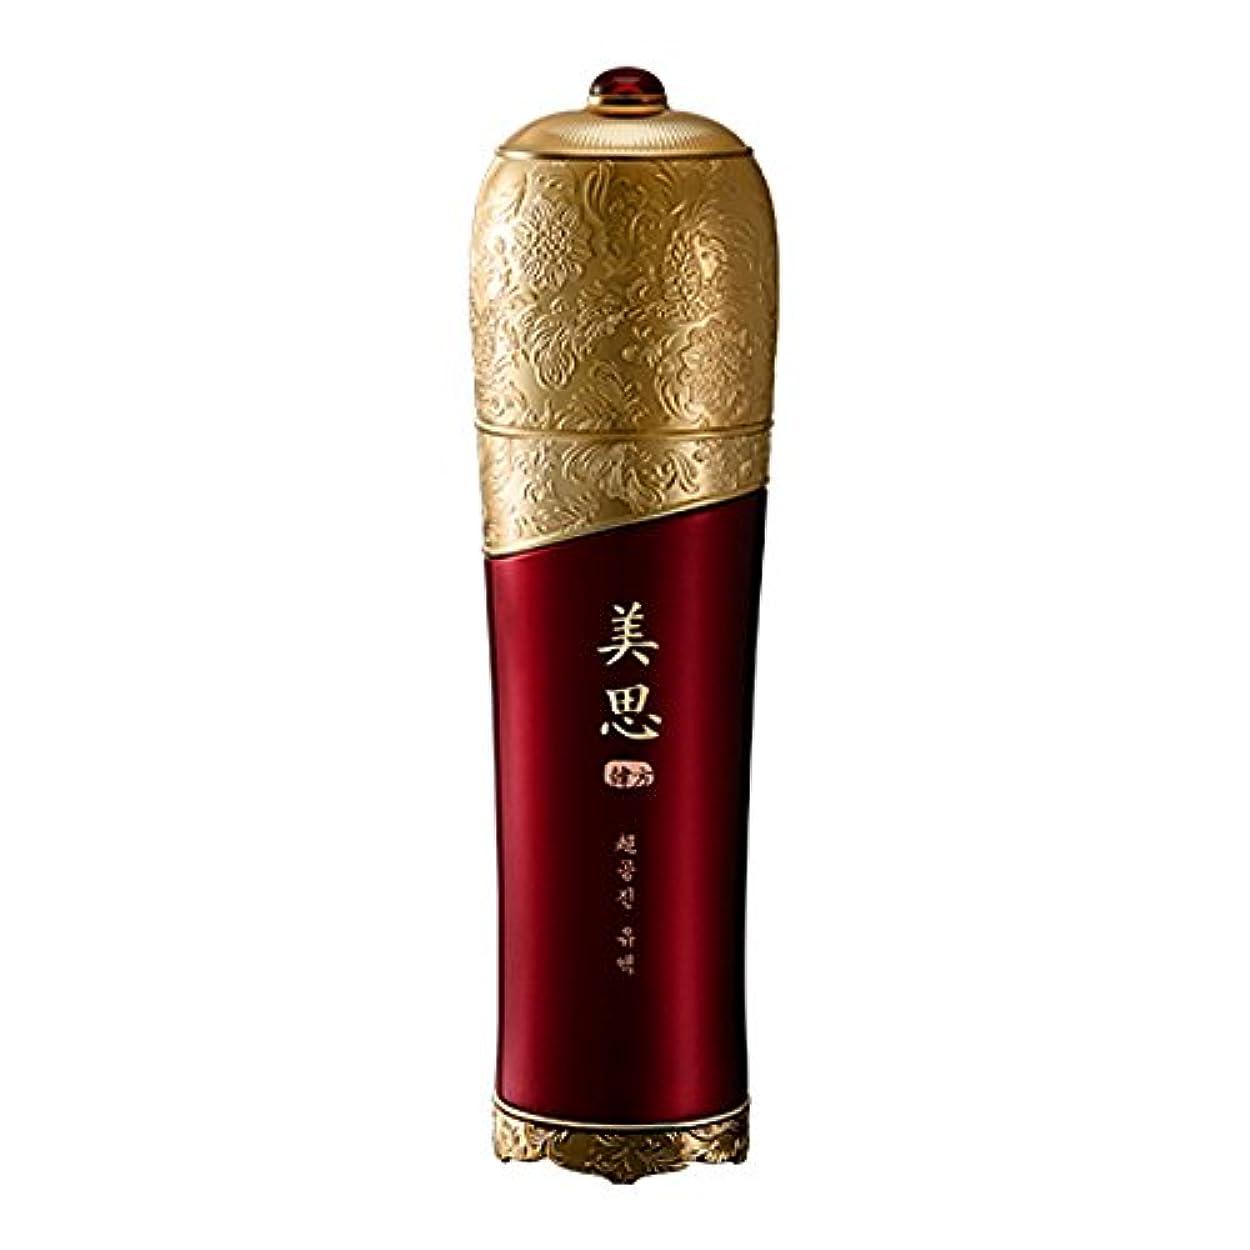 インレイ難破船セールスマンMISSHA(ミシャ)美思 韓方 旧チョボヤン (超)チョゴンジン 乳液 基礎化粧品 スキンケア